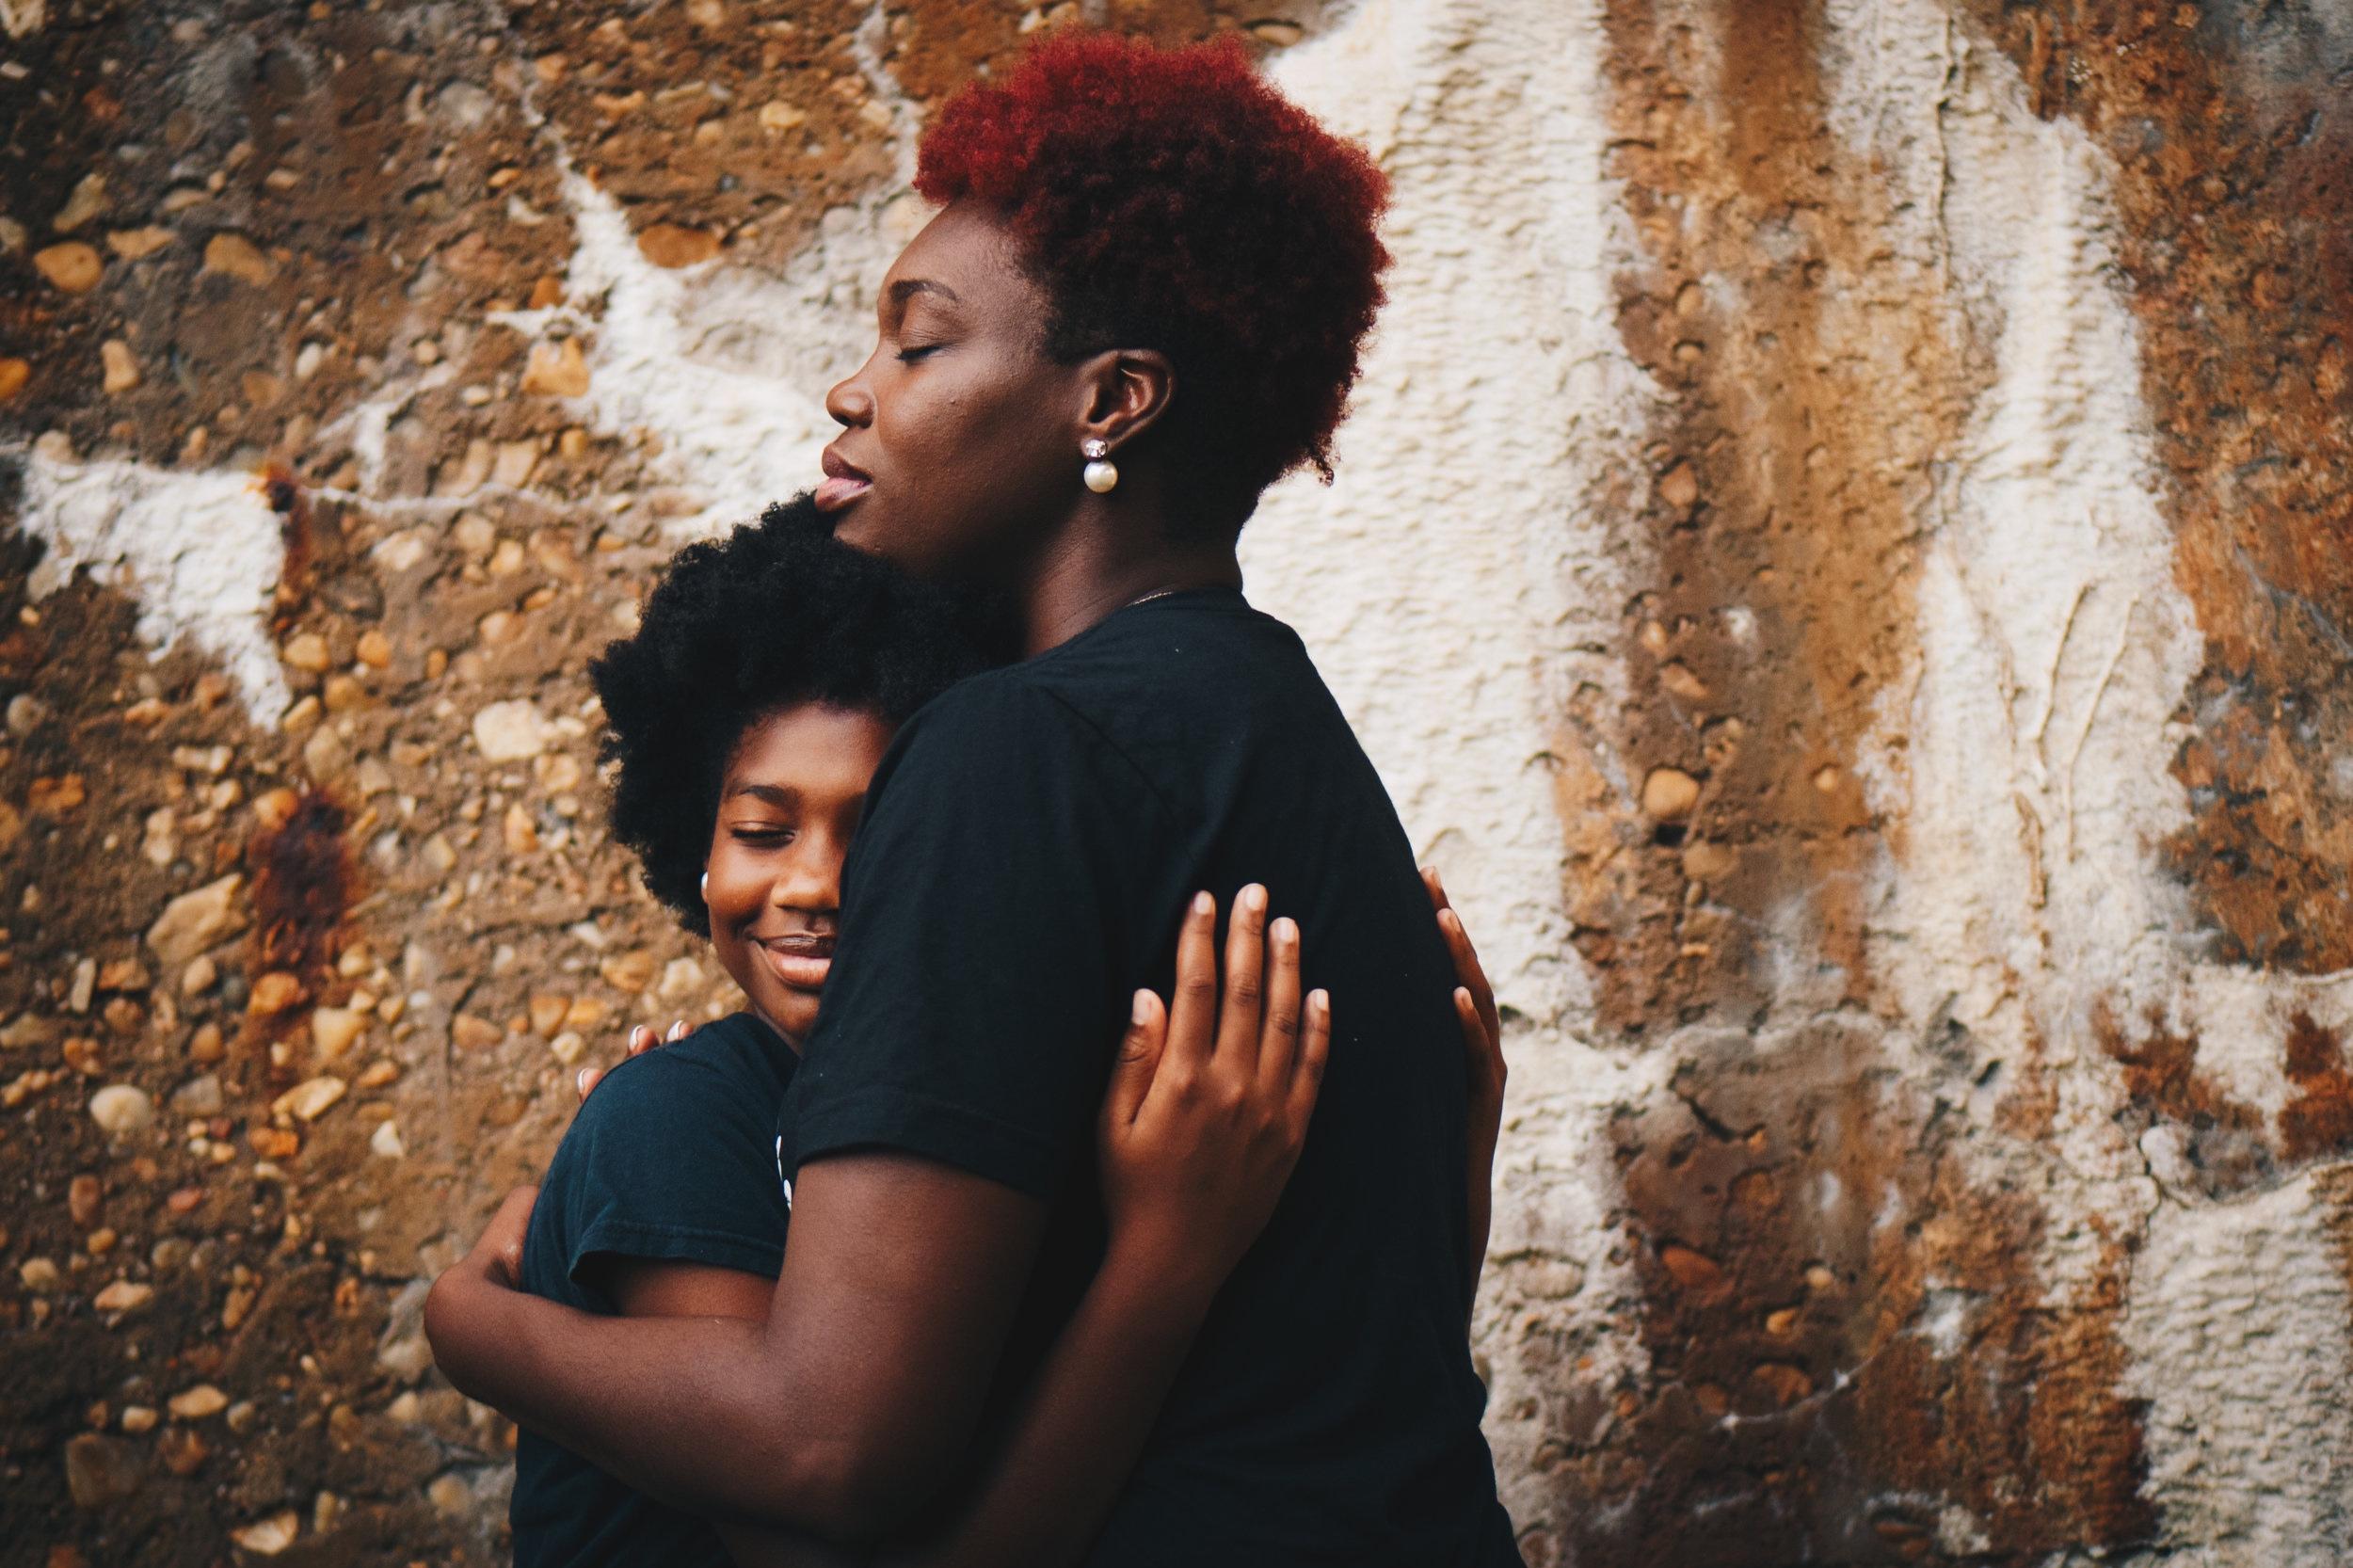 La Intimidad Auténtica - Conocerse a nivel intelectual, emocional, social y espiritual es posible. Es más, para eso fuimos diseñados.